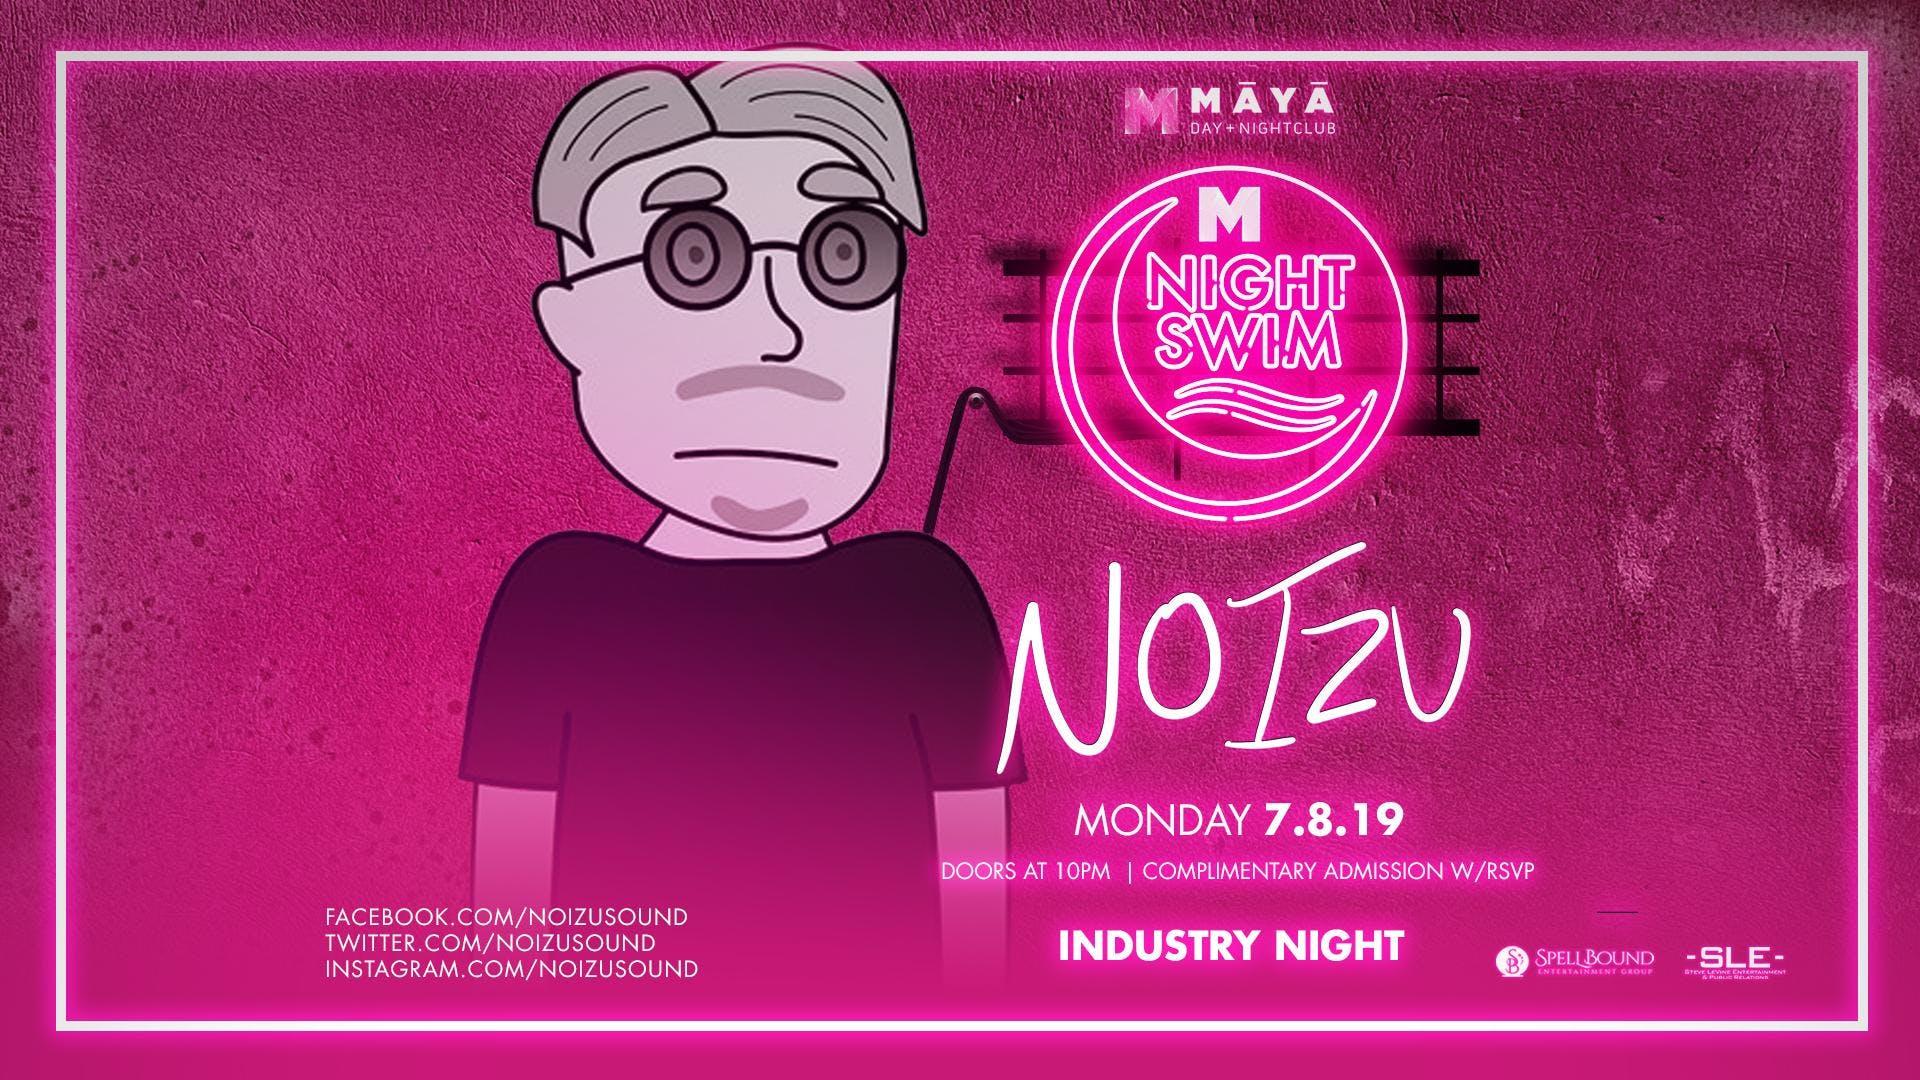 NOIZU - NIGHT SWIM